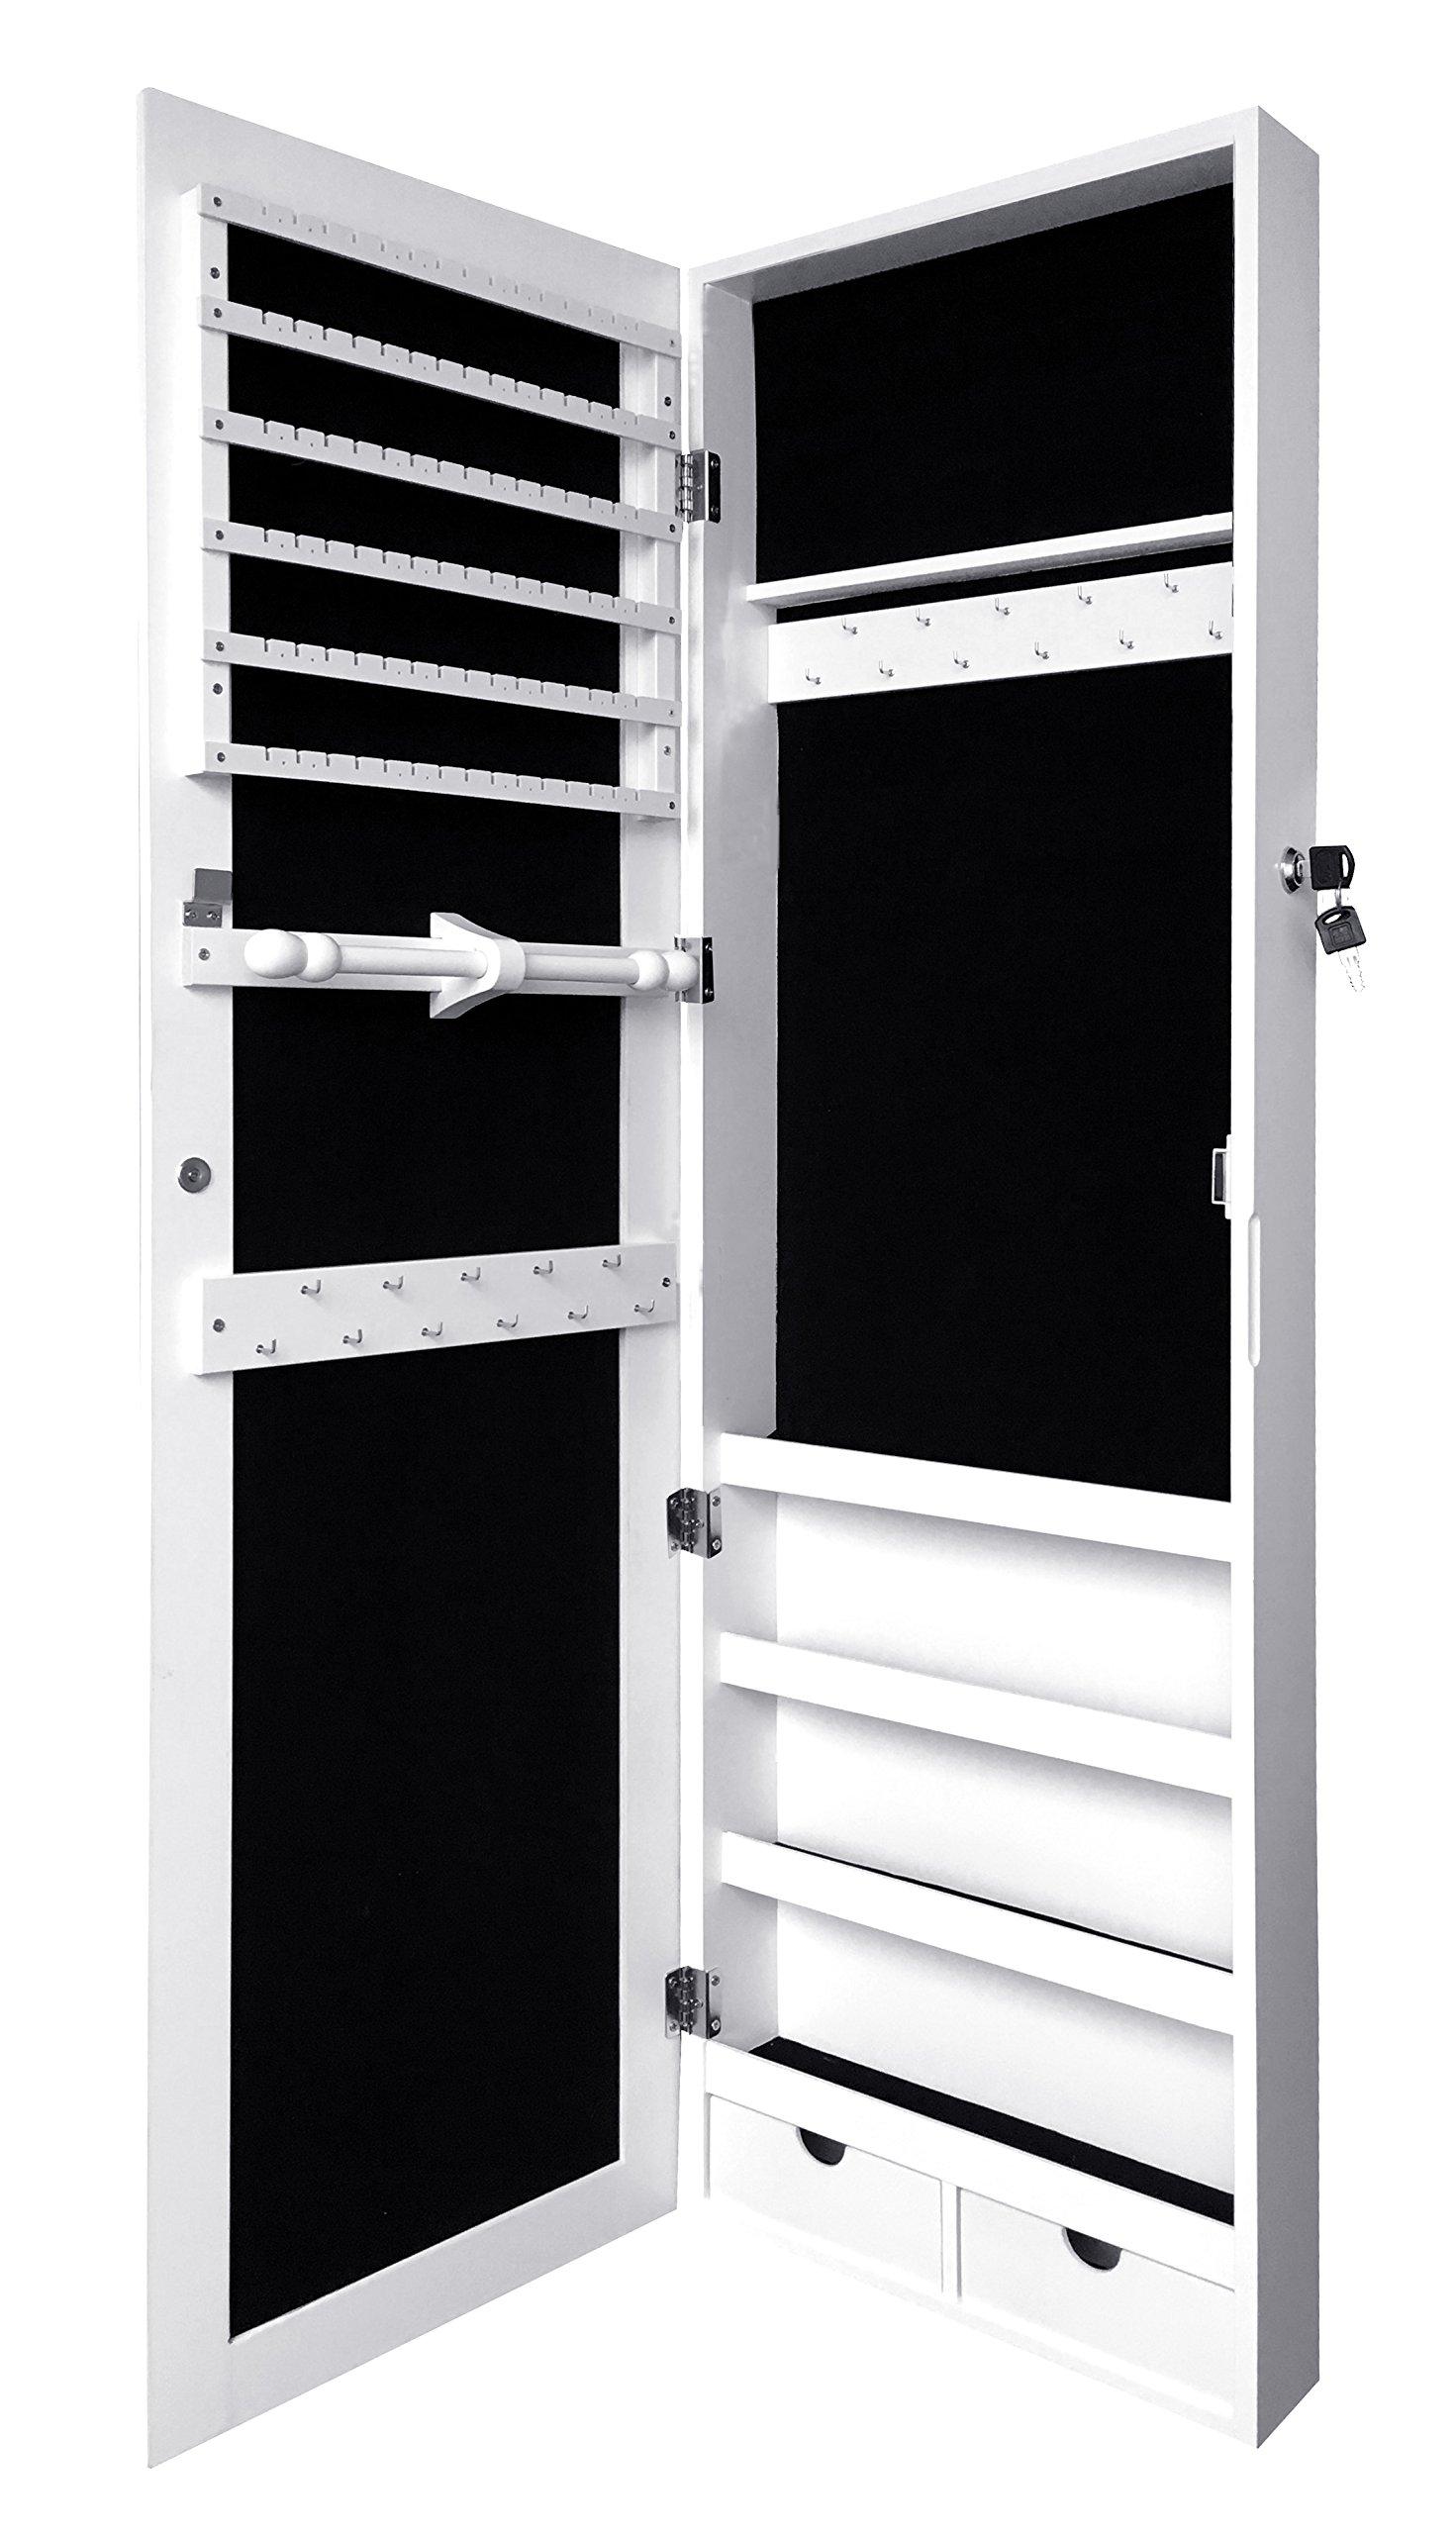 Jewelry Organizer Jewelry Box Jewelry Storage, Locking Jewelry Cabinet, Over Door Jewelry Armoire with Mirror, White